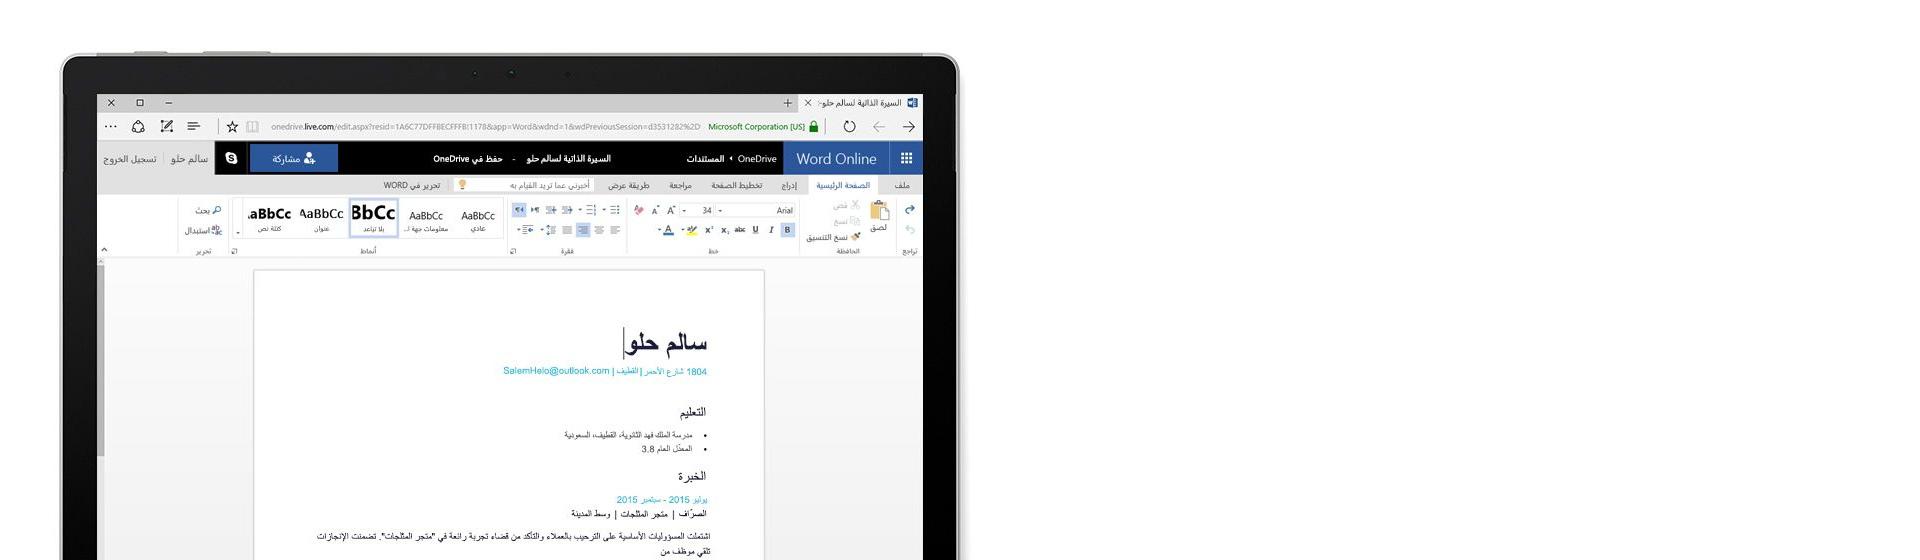 شاشة كمبيوتر تعرض سيرة ذاتية يتم إنشاؤها في Word Online